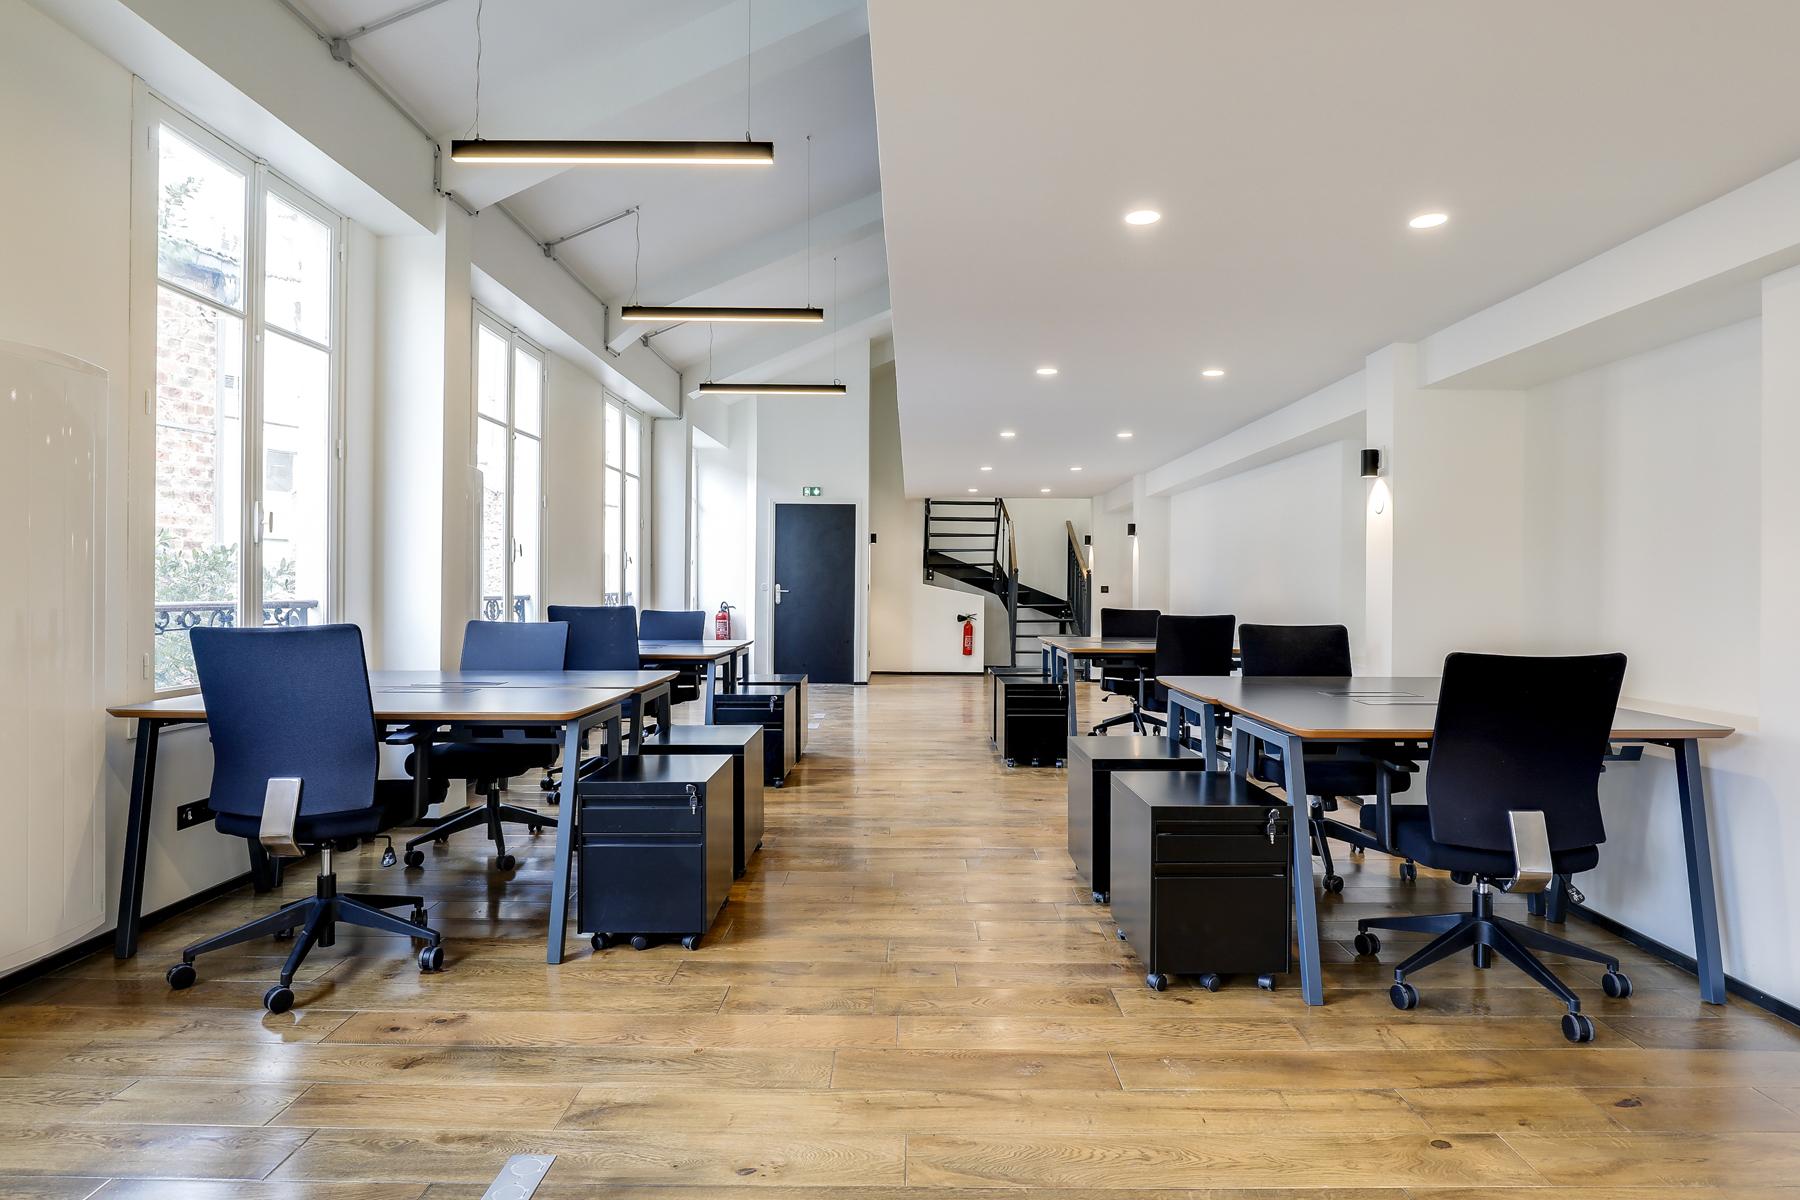 source : eliel arnold architectes d'intérieur, Rénovation de bureaux à Paris 5ème